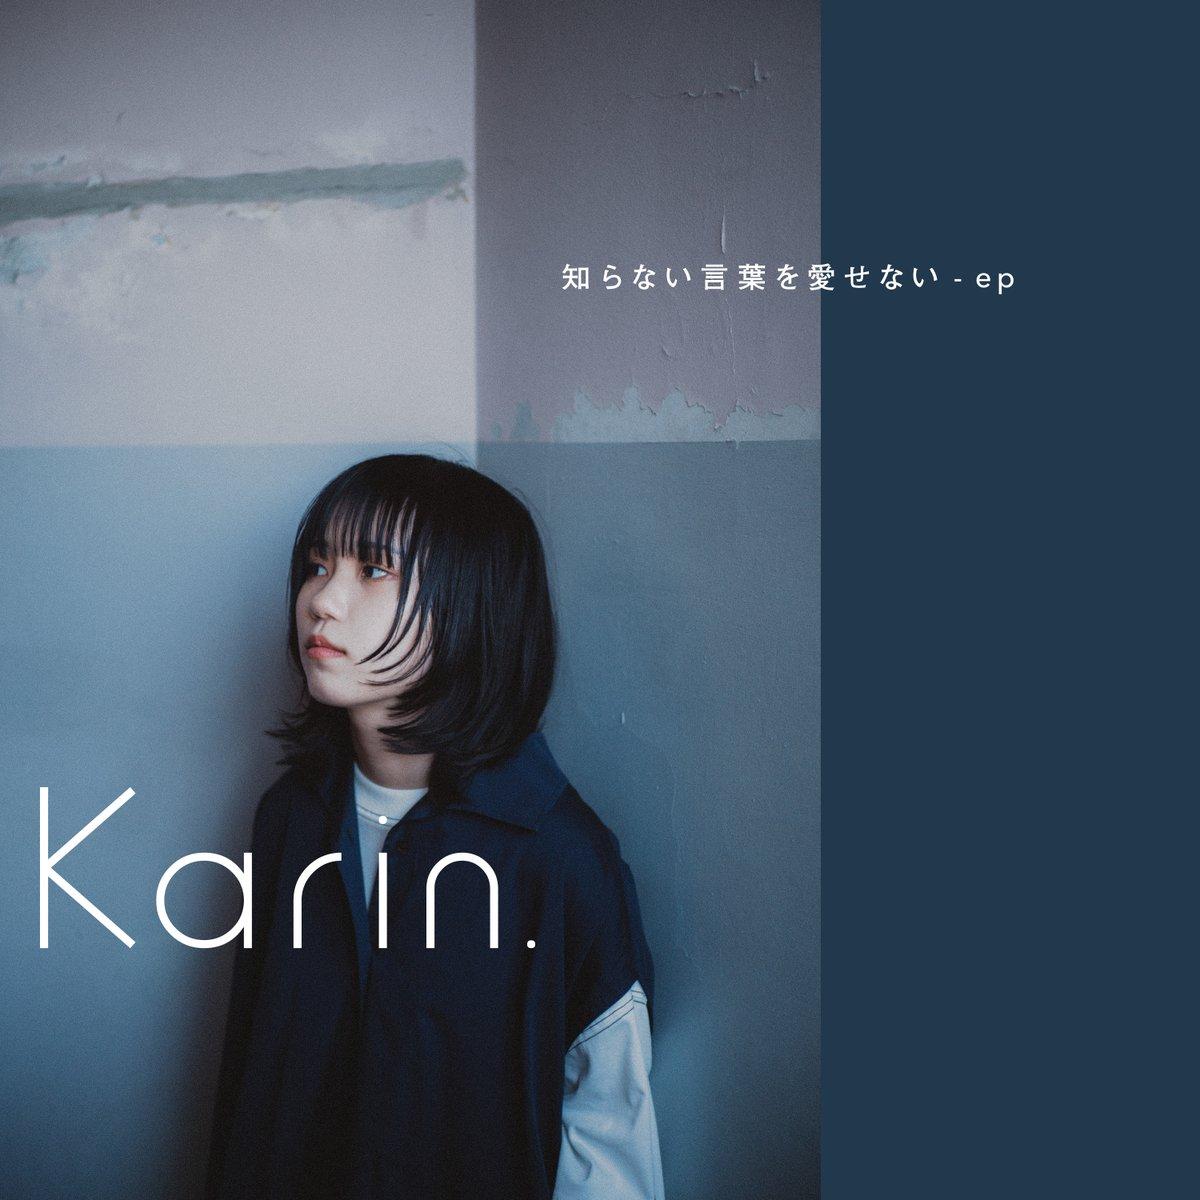 Karin. - 泣き空 [2020.07.22+MP3+RAR]